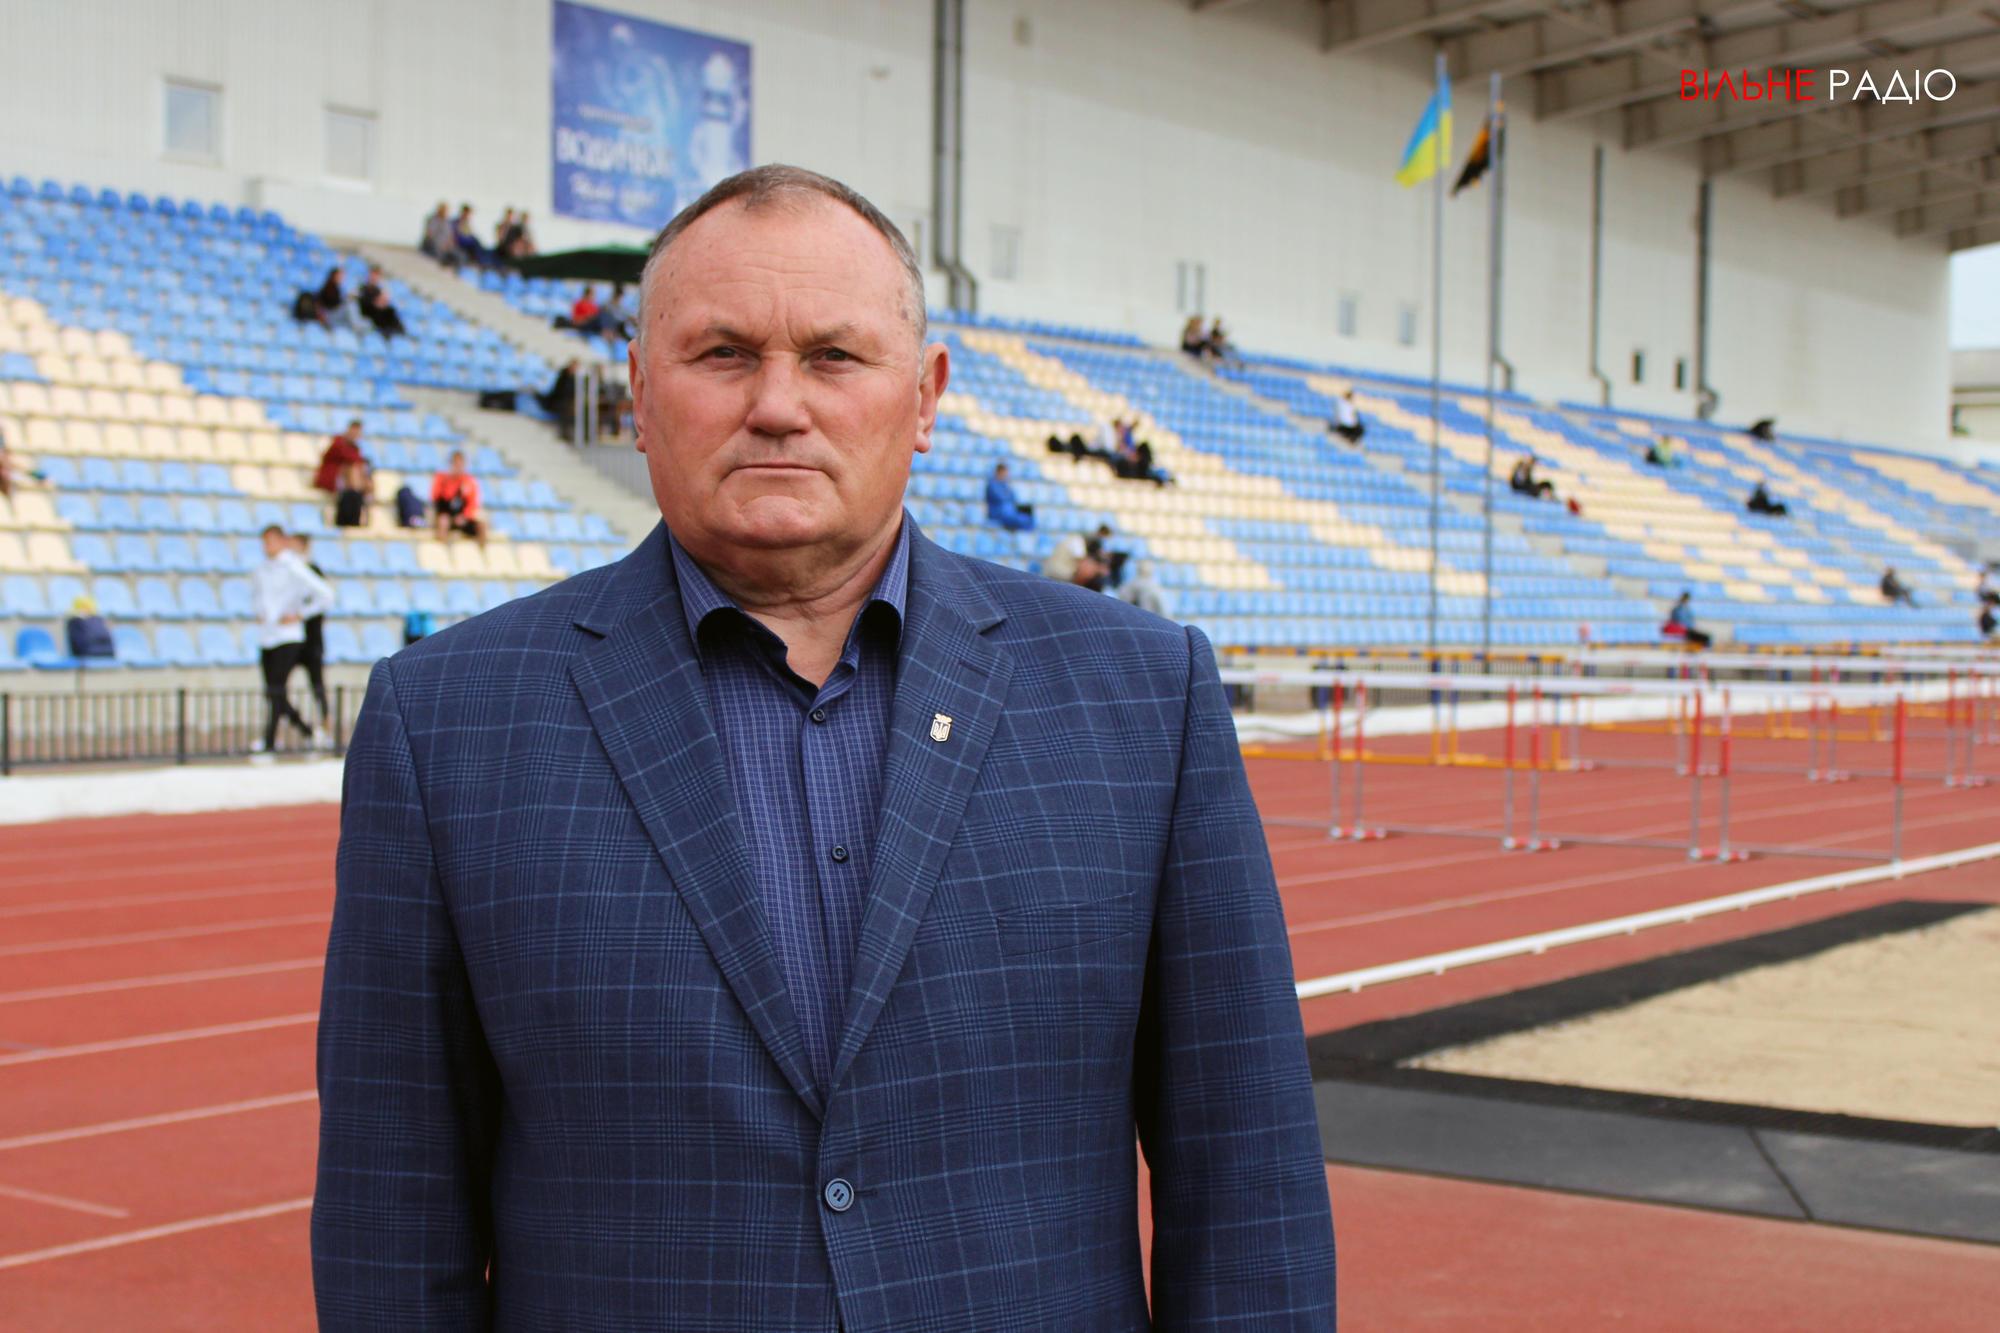 Начальник управління з питань фізичної культури та спорту м. Бахмут, президент федерації легкої атлетики Донецької області Віктор Лис